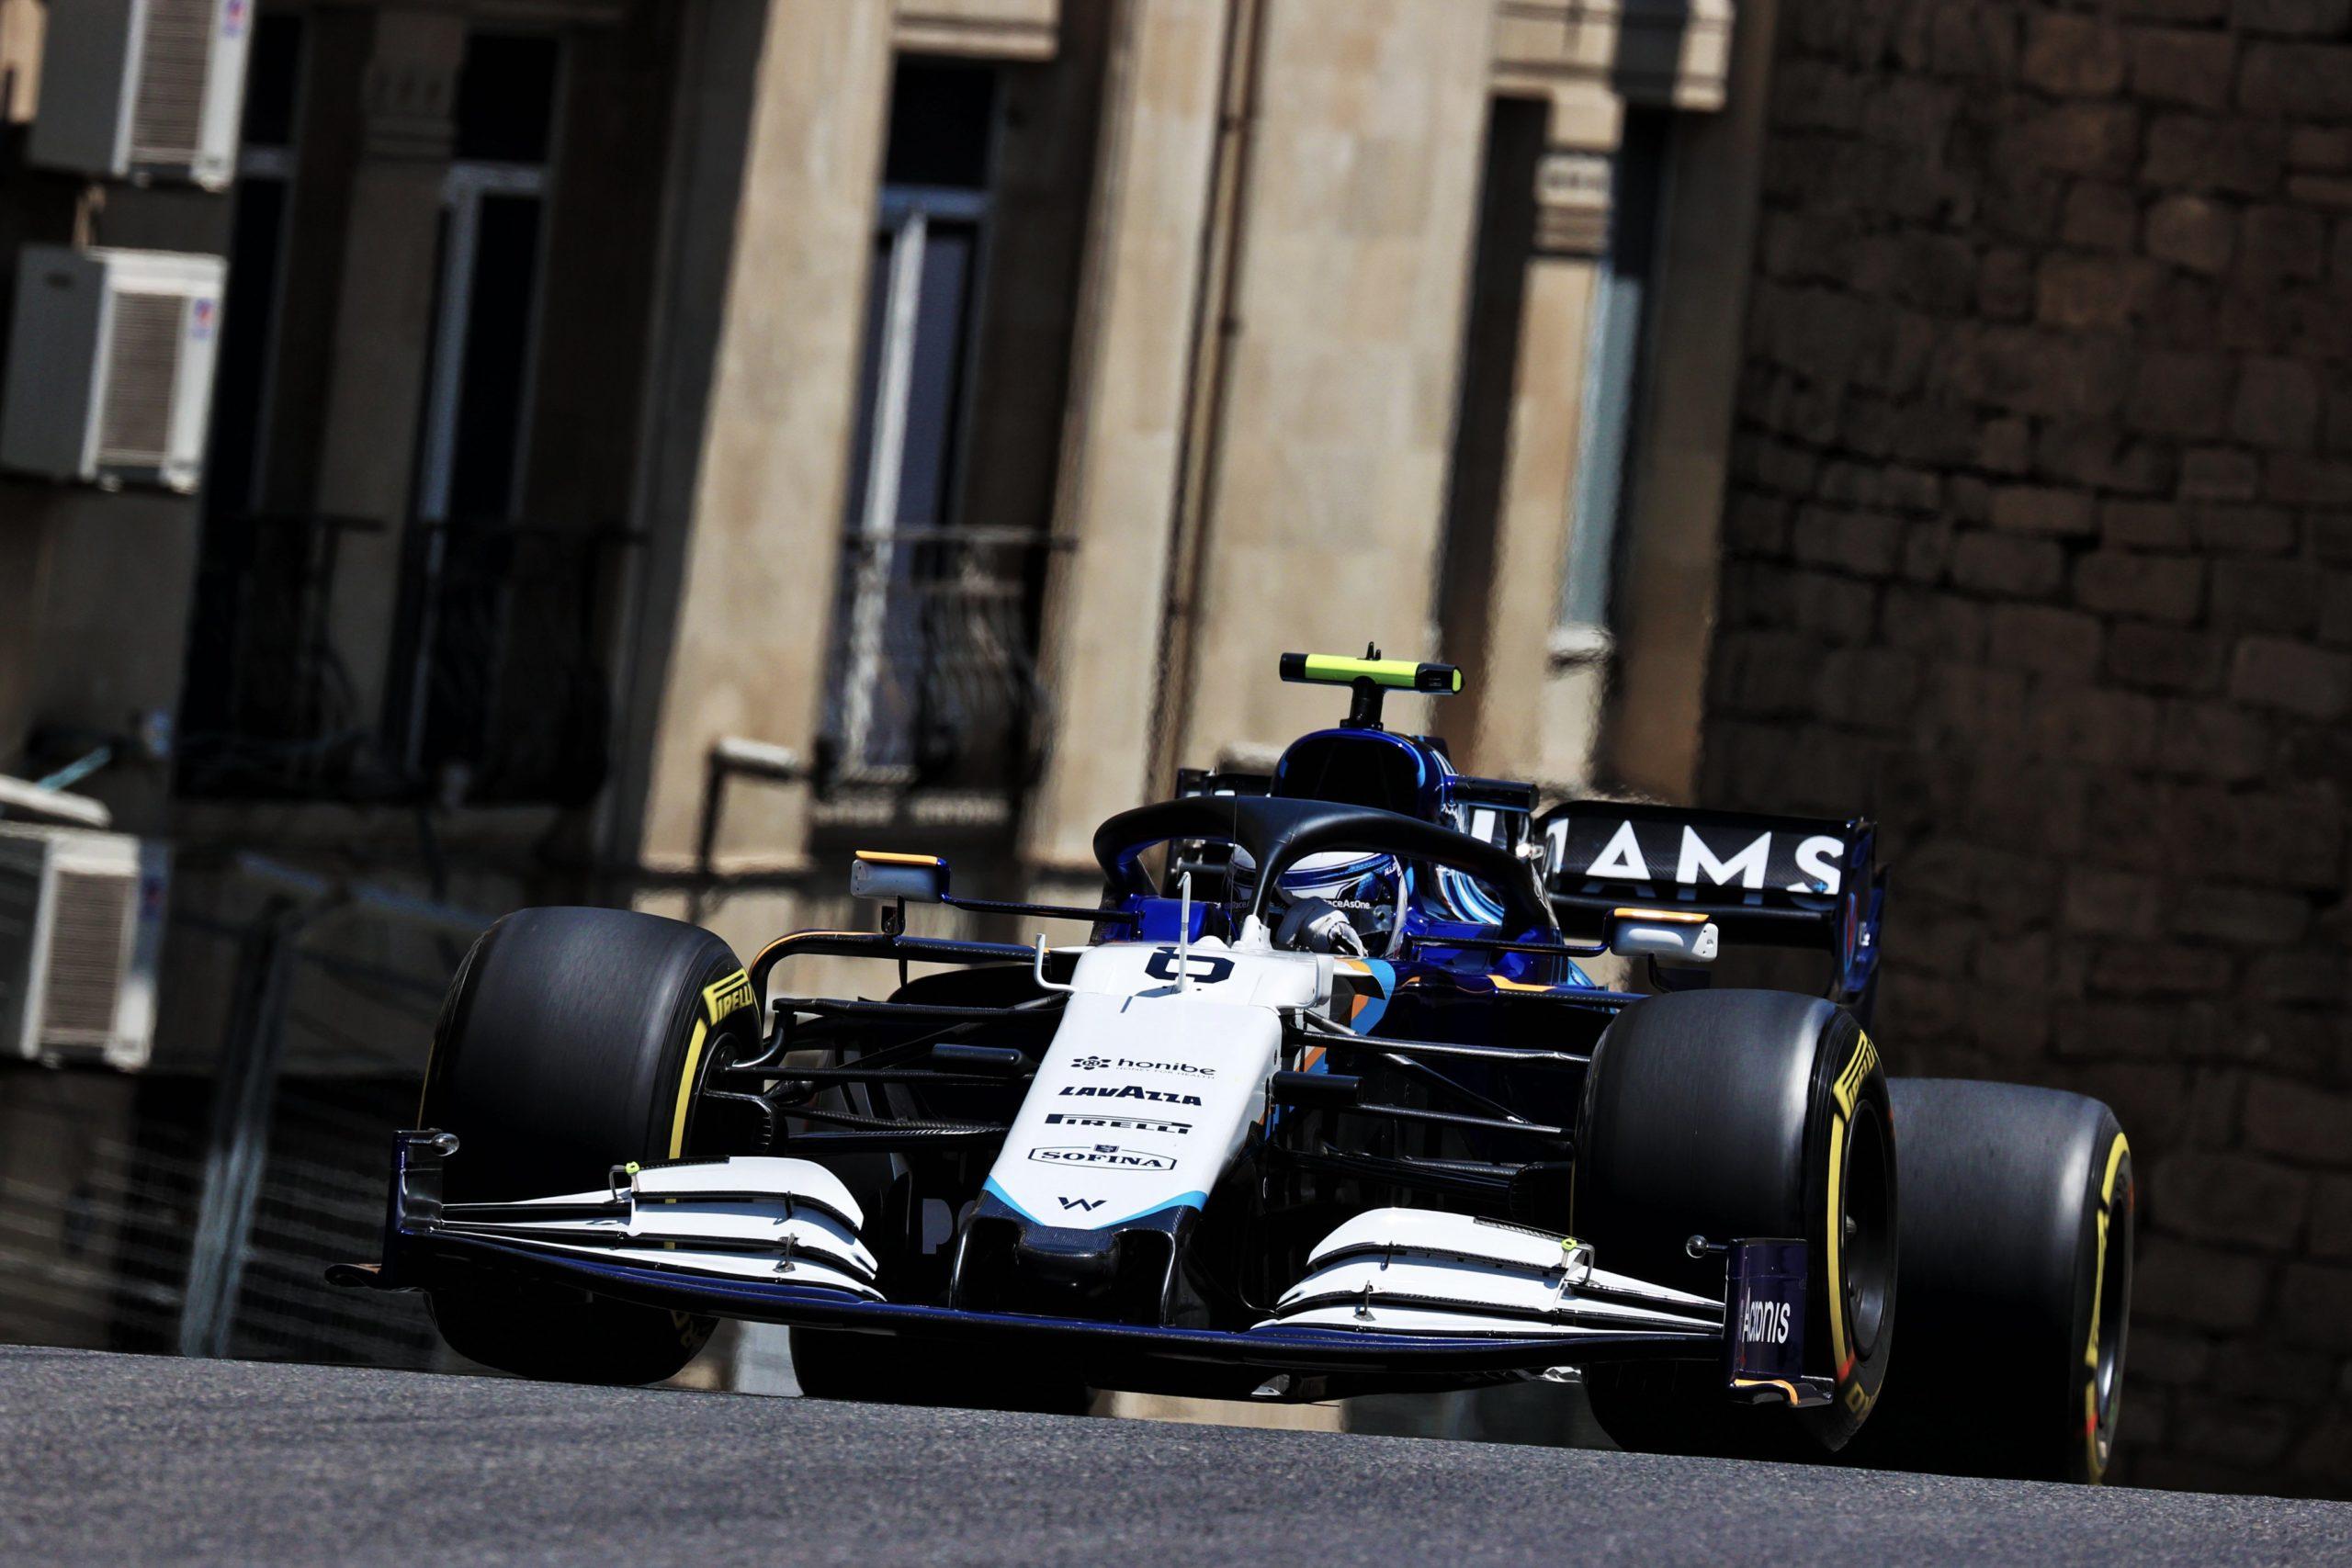 F1 - Officiel : Nicholas Latifi doublement pénalisé à Bakou